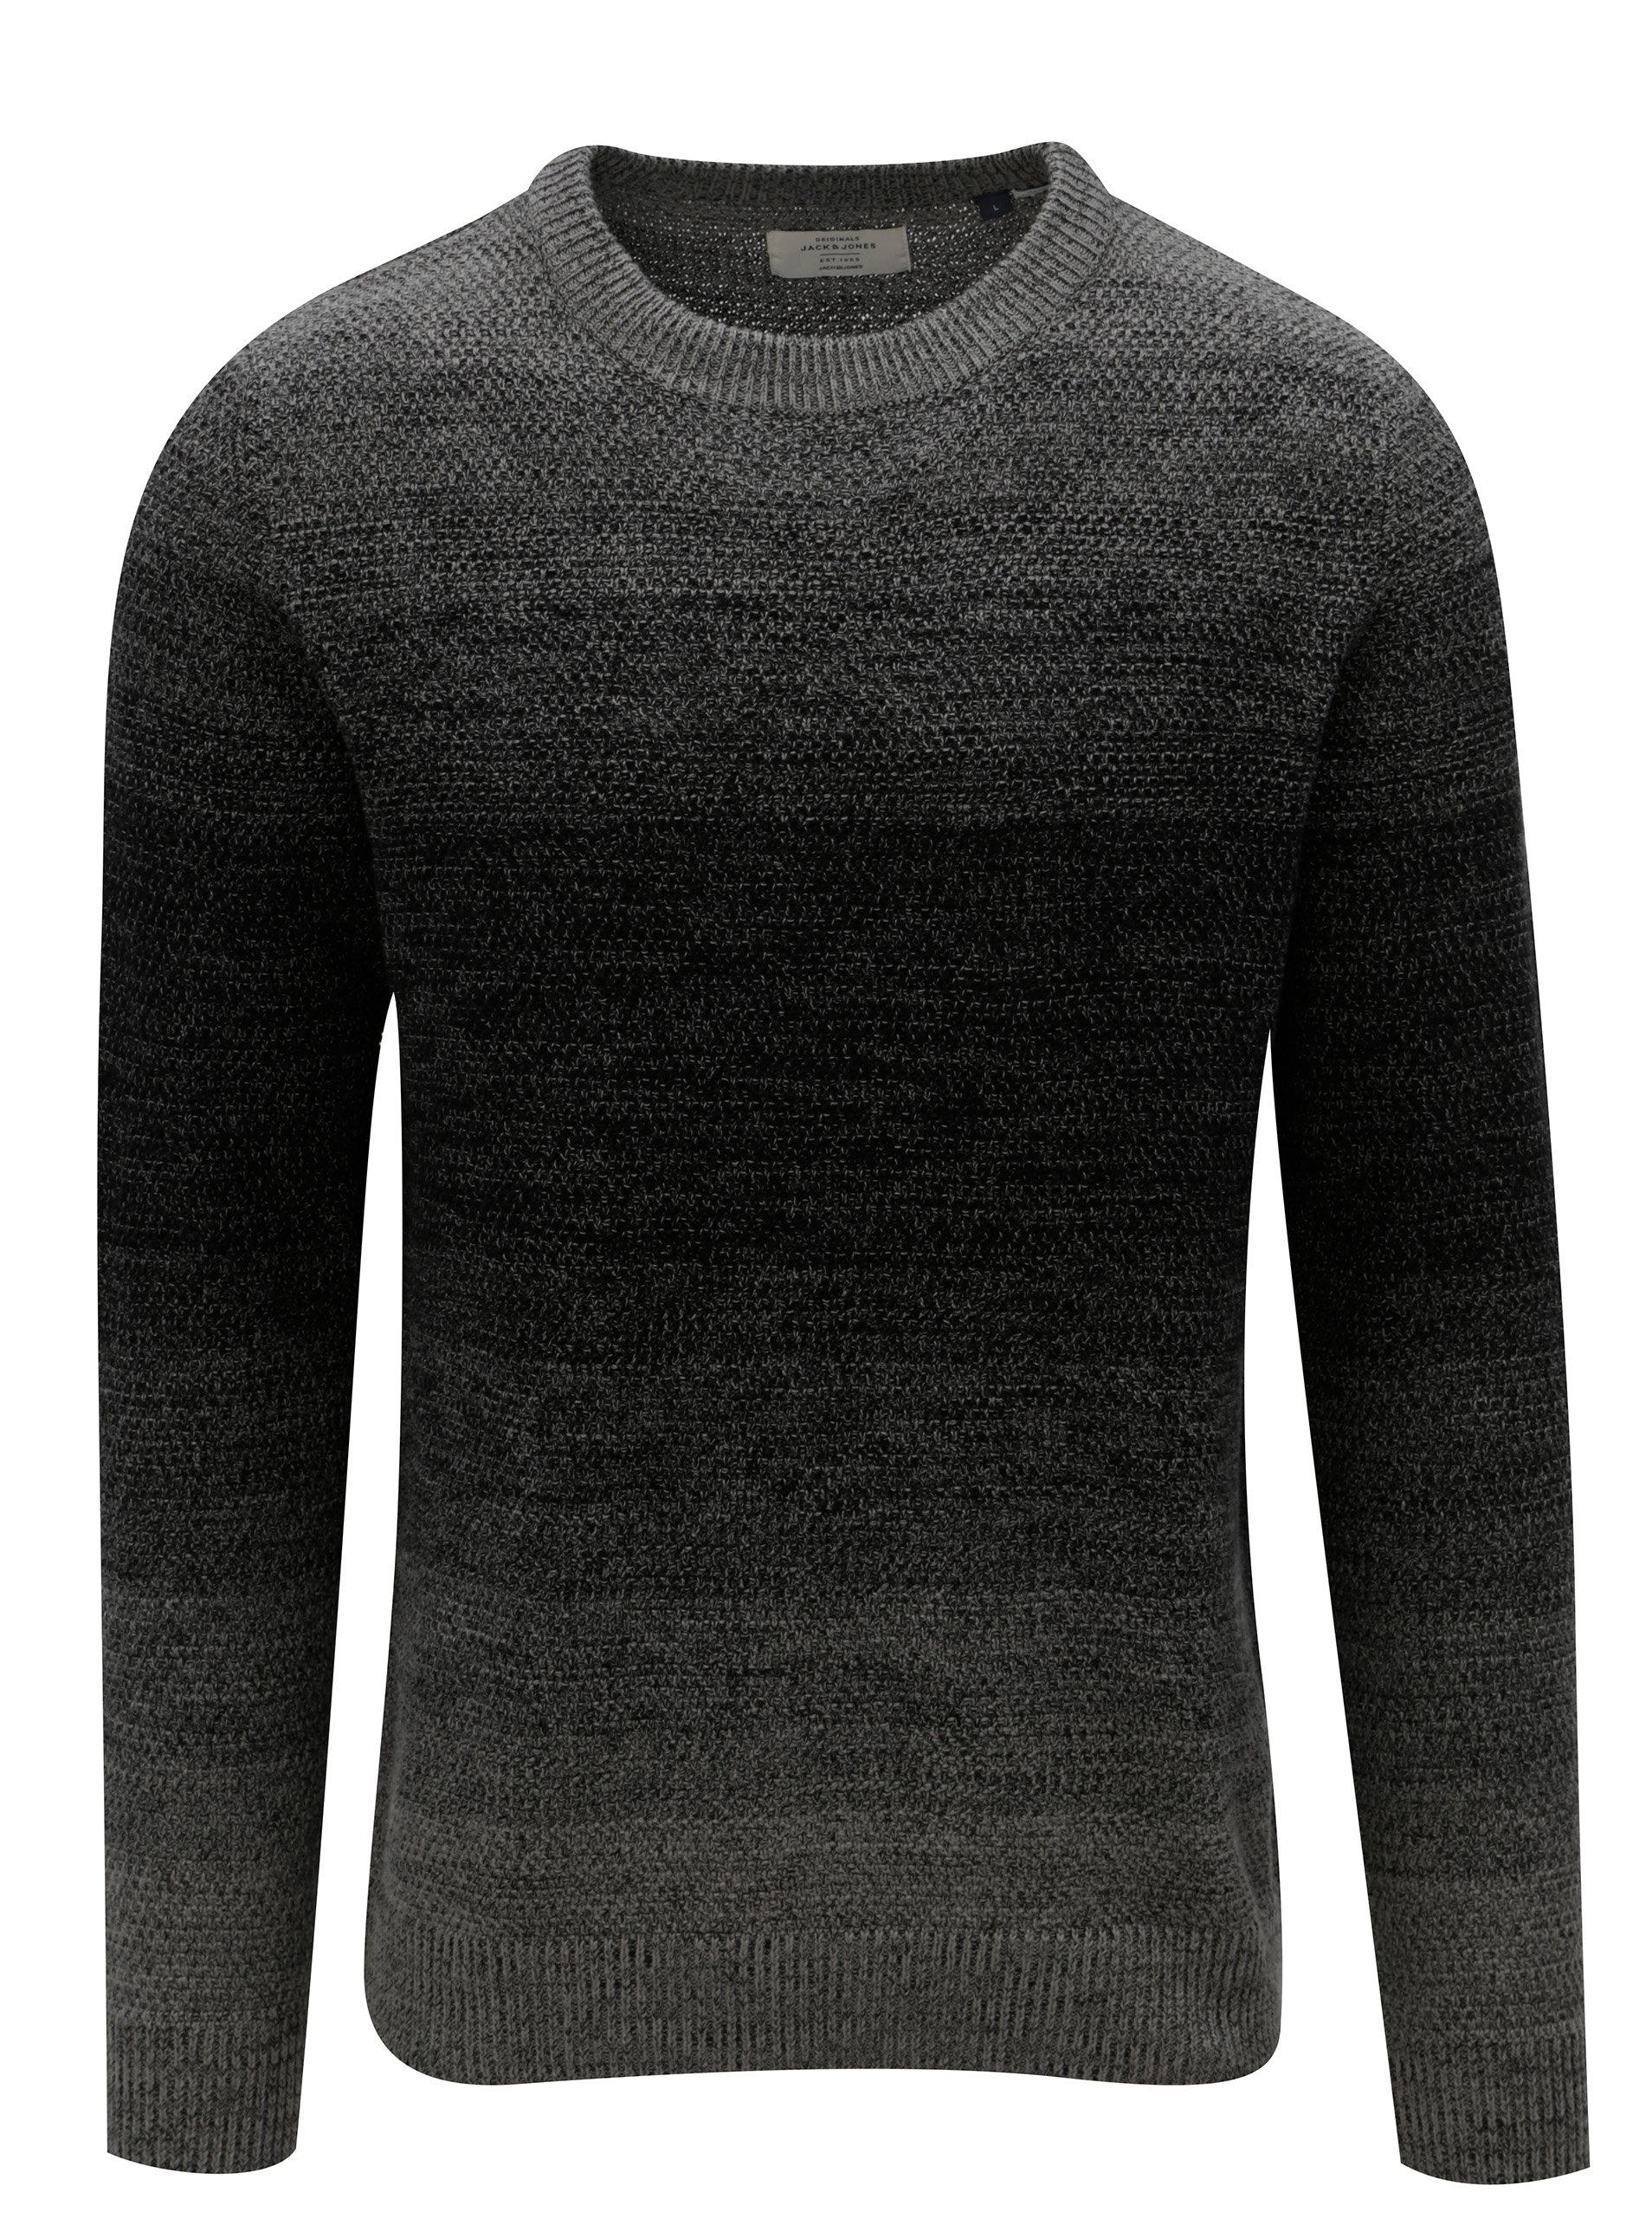 Šedo-černý žíhaný svetr Jack & Jones